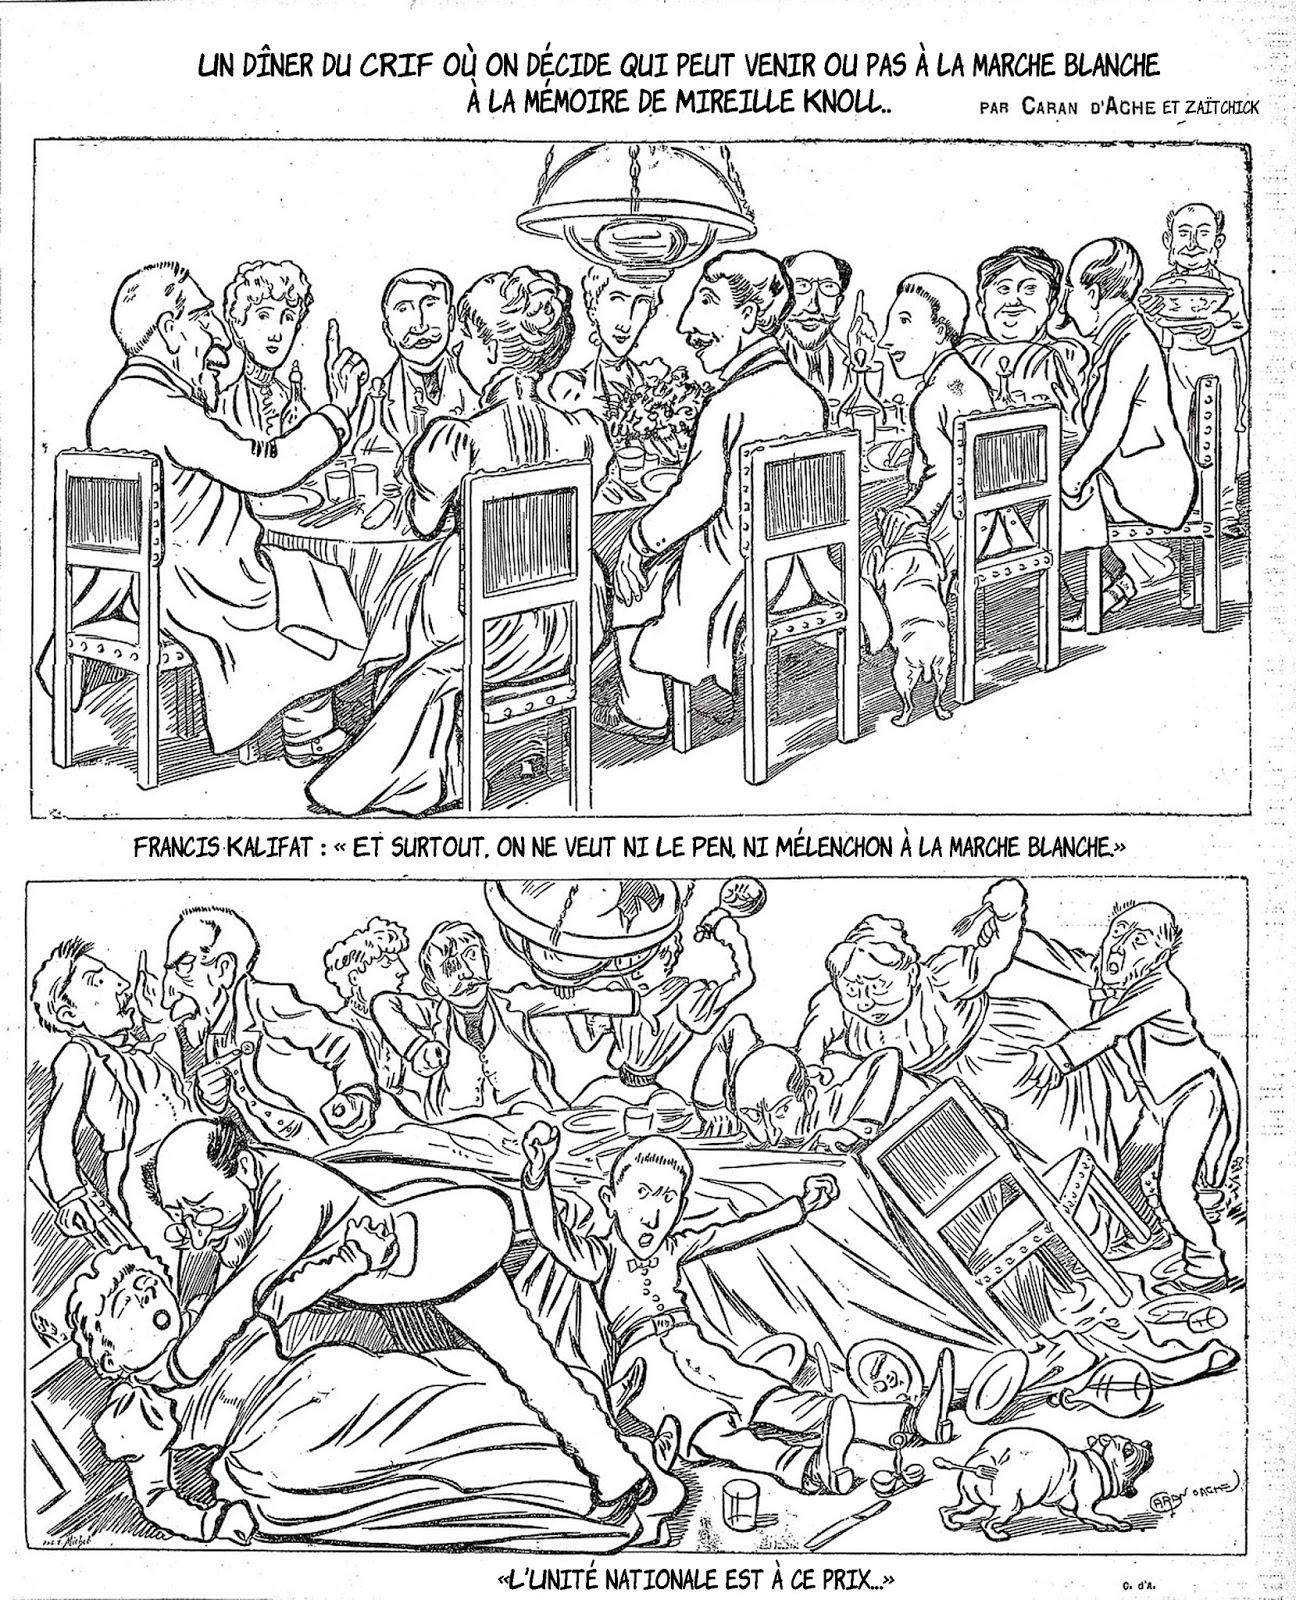 dessin d'actualité humoristique montrant le dîner du CRIF où s'est décidé l'exclusion de Le Pen et Mélenchon à la marche blanche en mémoire à Mireille Knoll